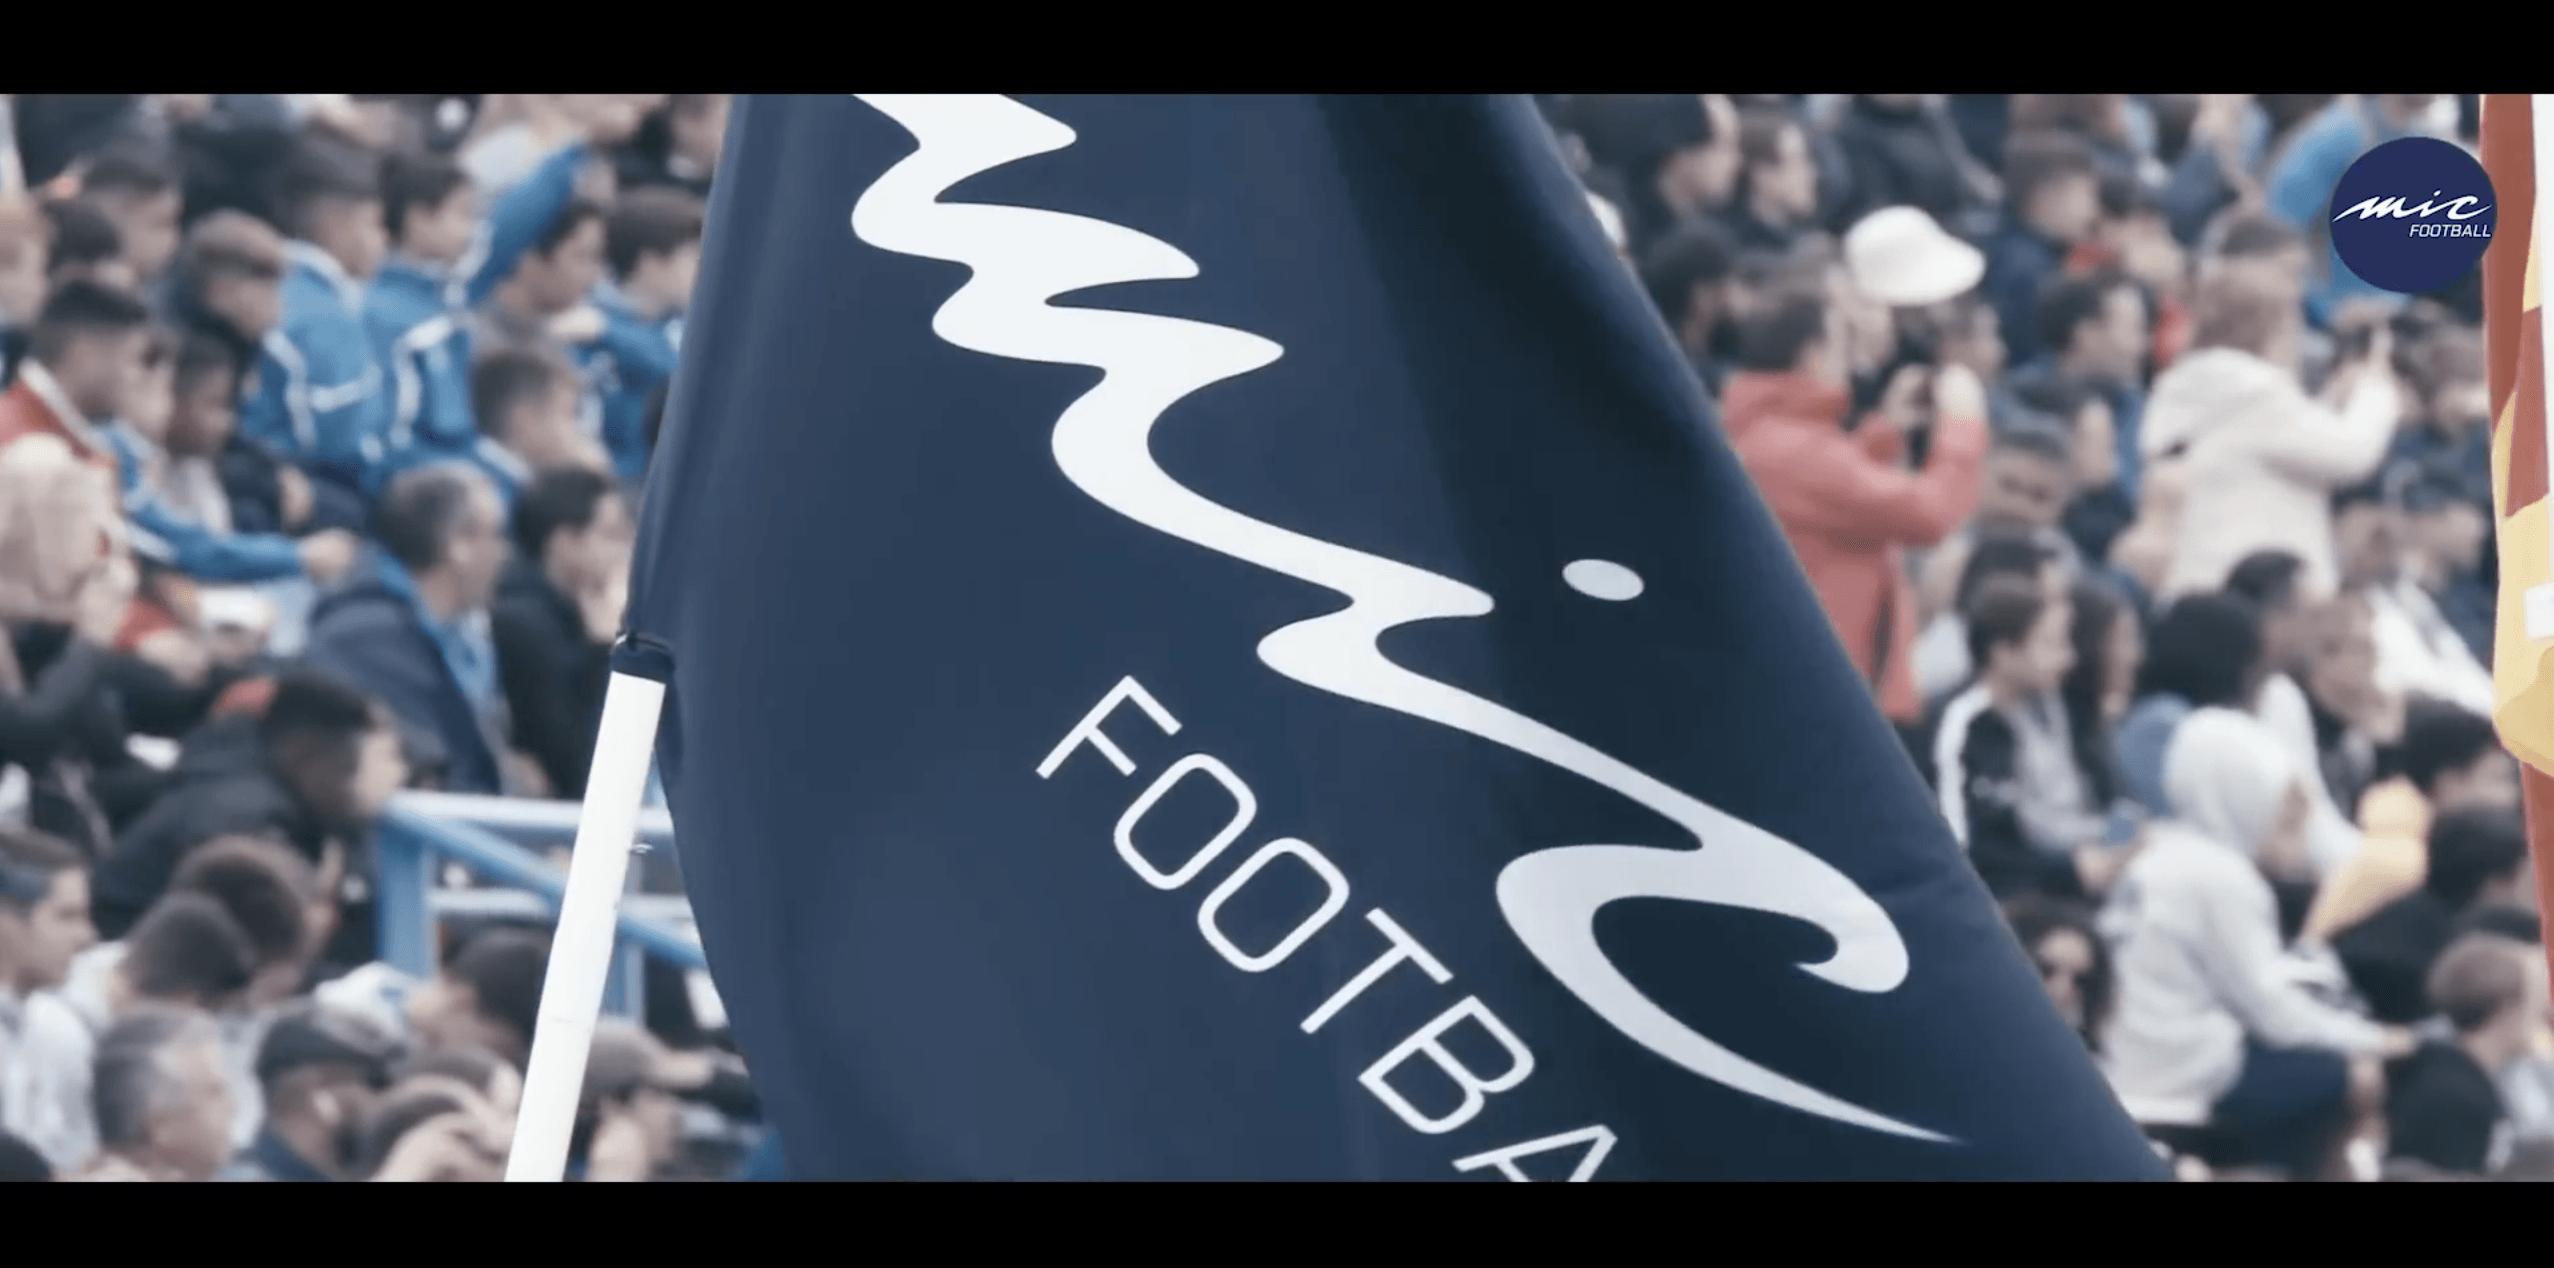 Calendario De International Champions Cup 2019.Torneo Internacional De Futbol Base Micfootball 2019 Where